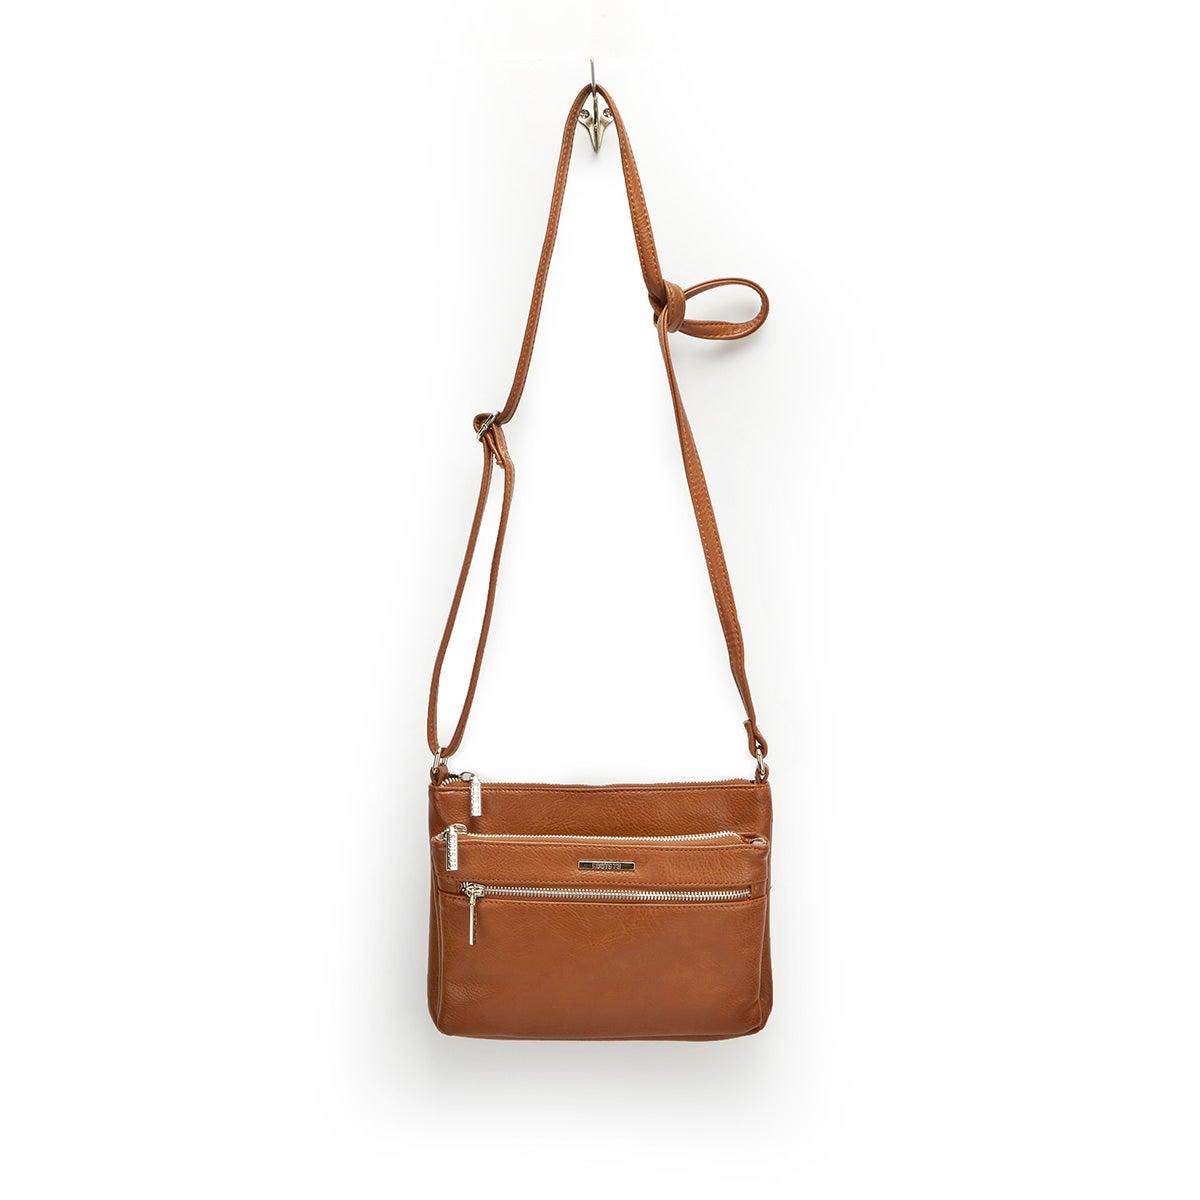 Lds Roots73 cgnc 3 zipper cross body bag